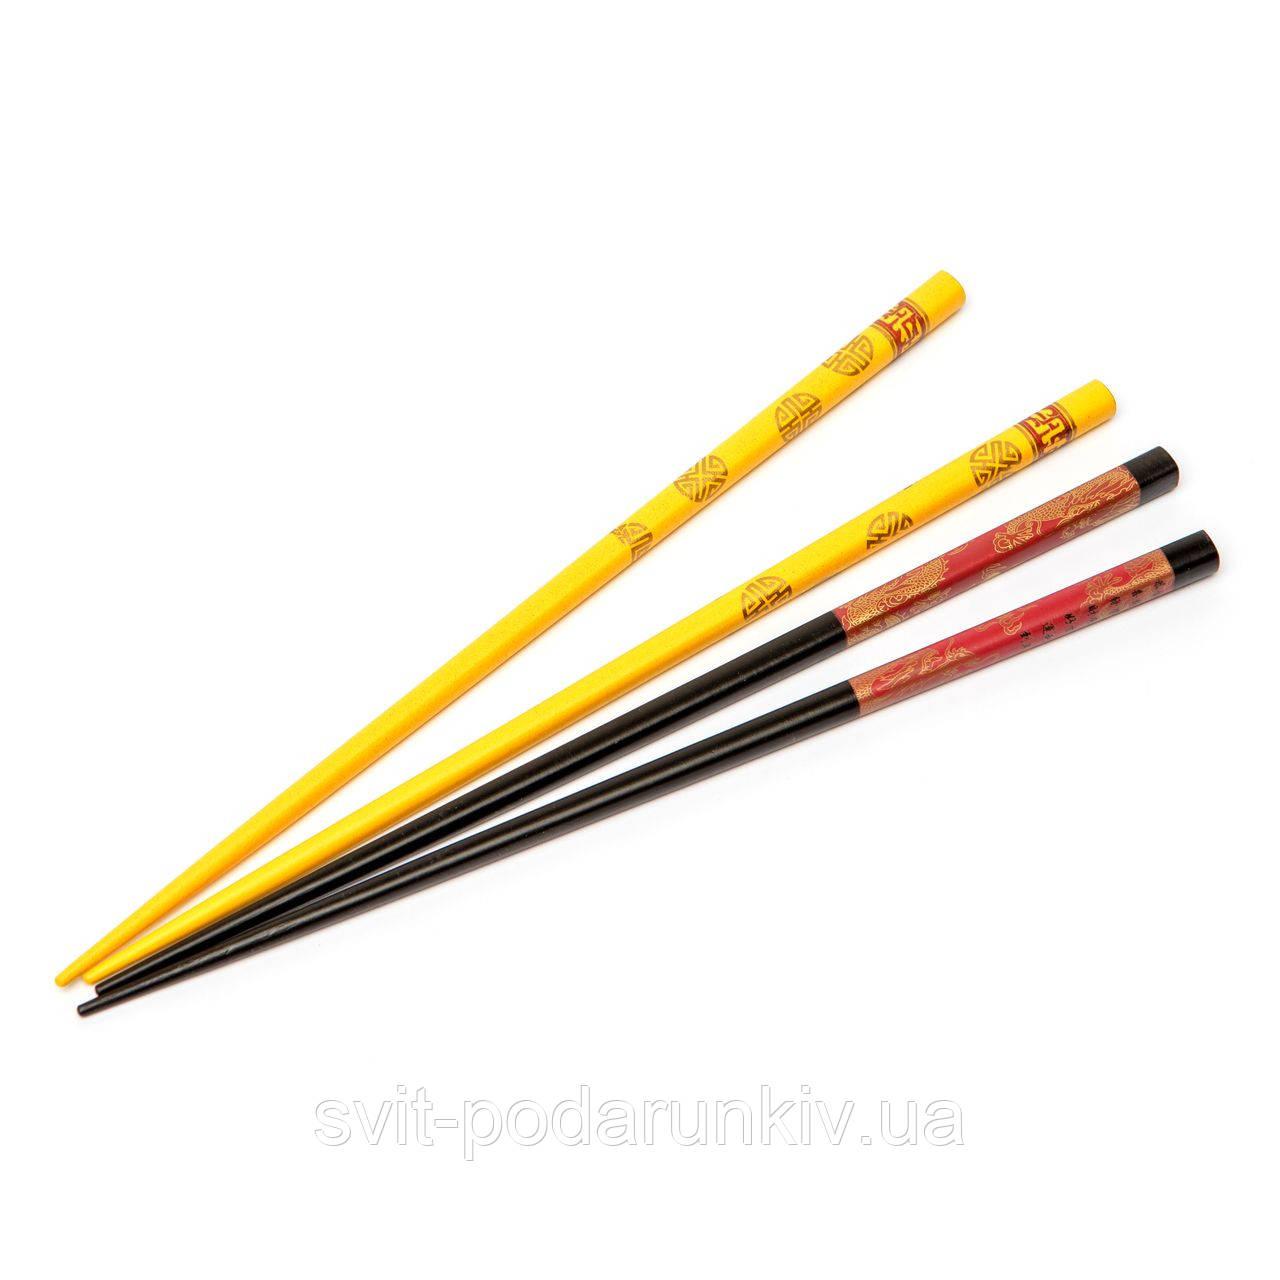 Набор палочек для суши 08